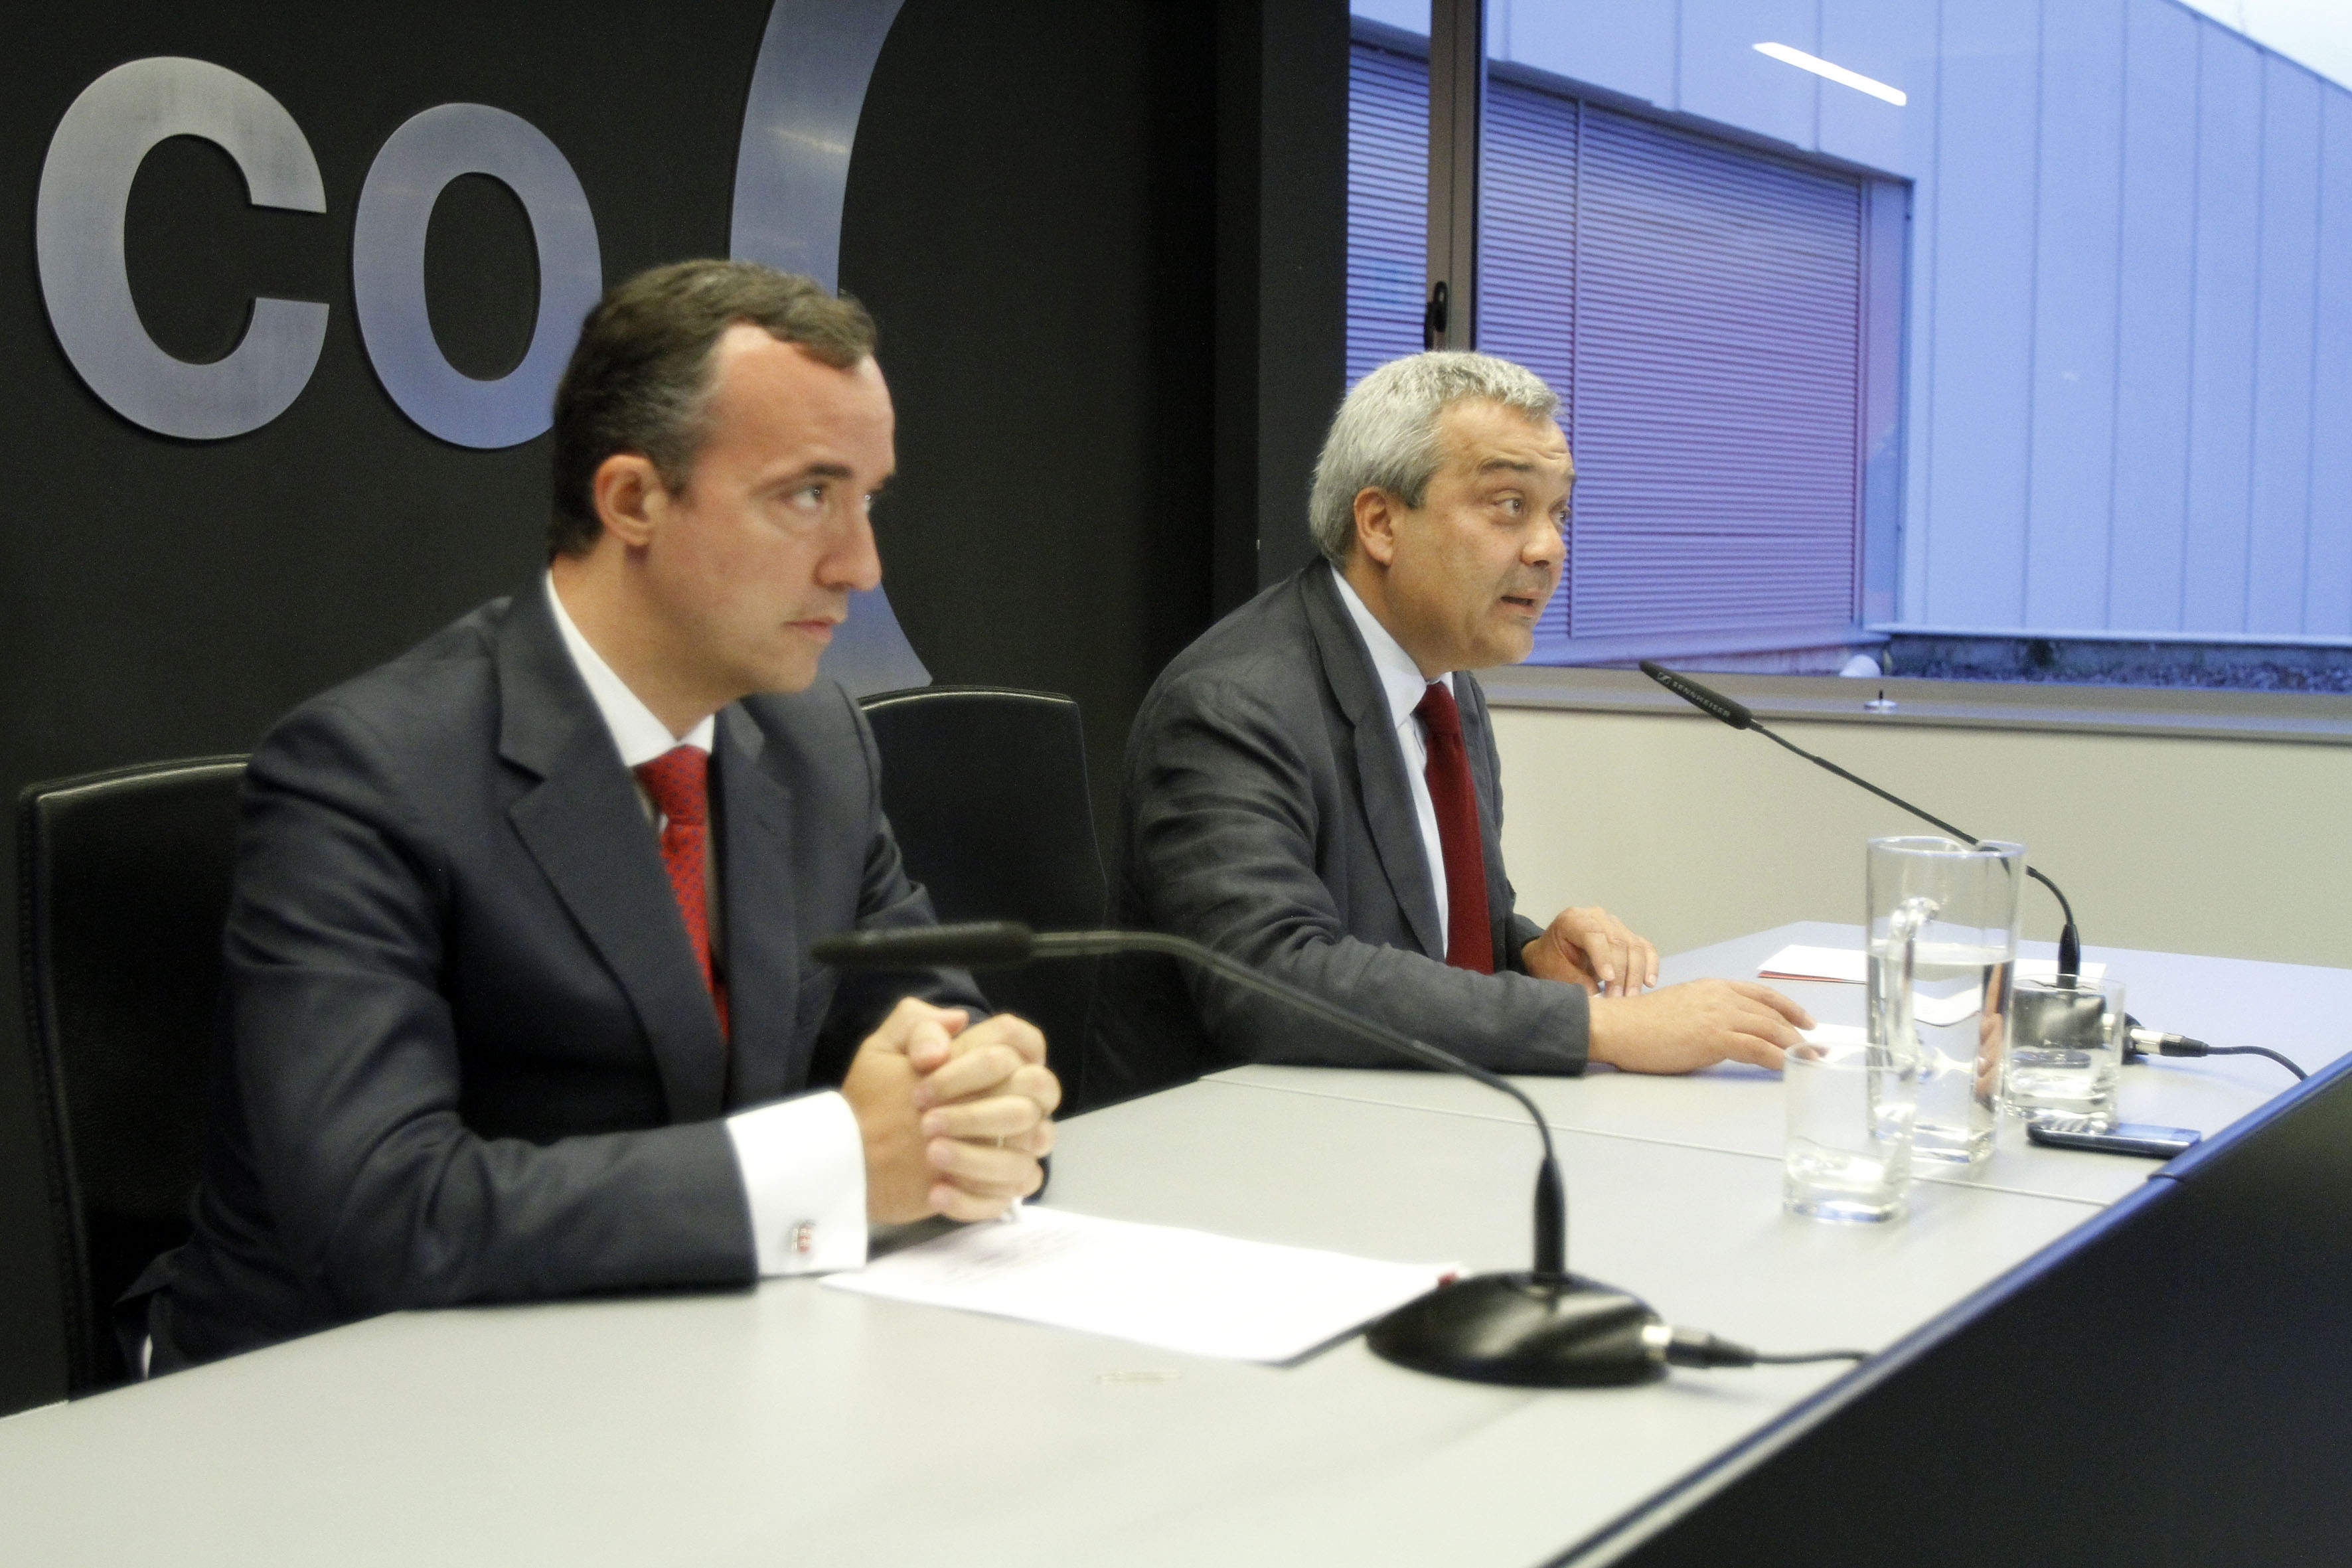 El Cert del Inteco de León da respuesta diaria a casi 4 millones de incidencias en materia de ciberseguridad